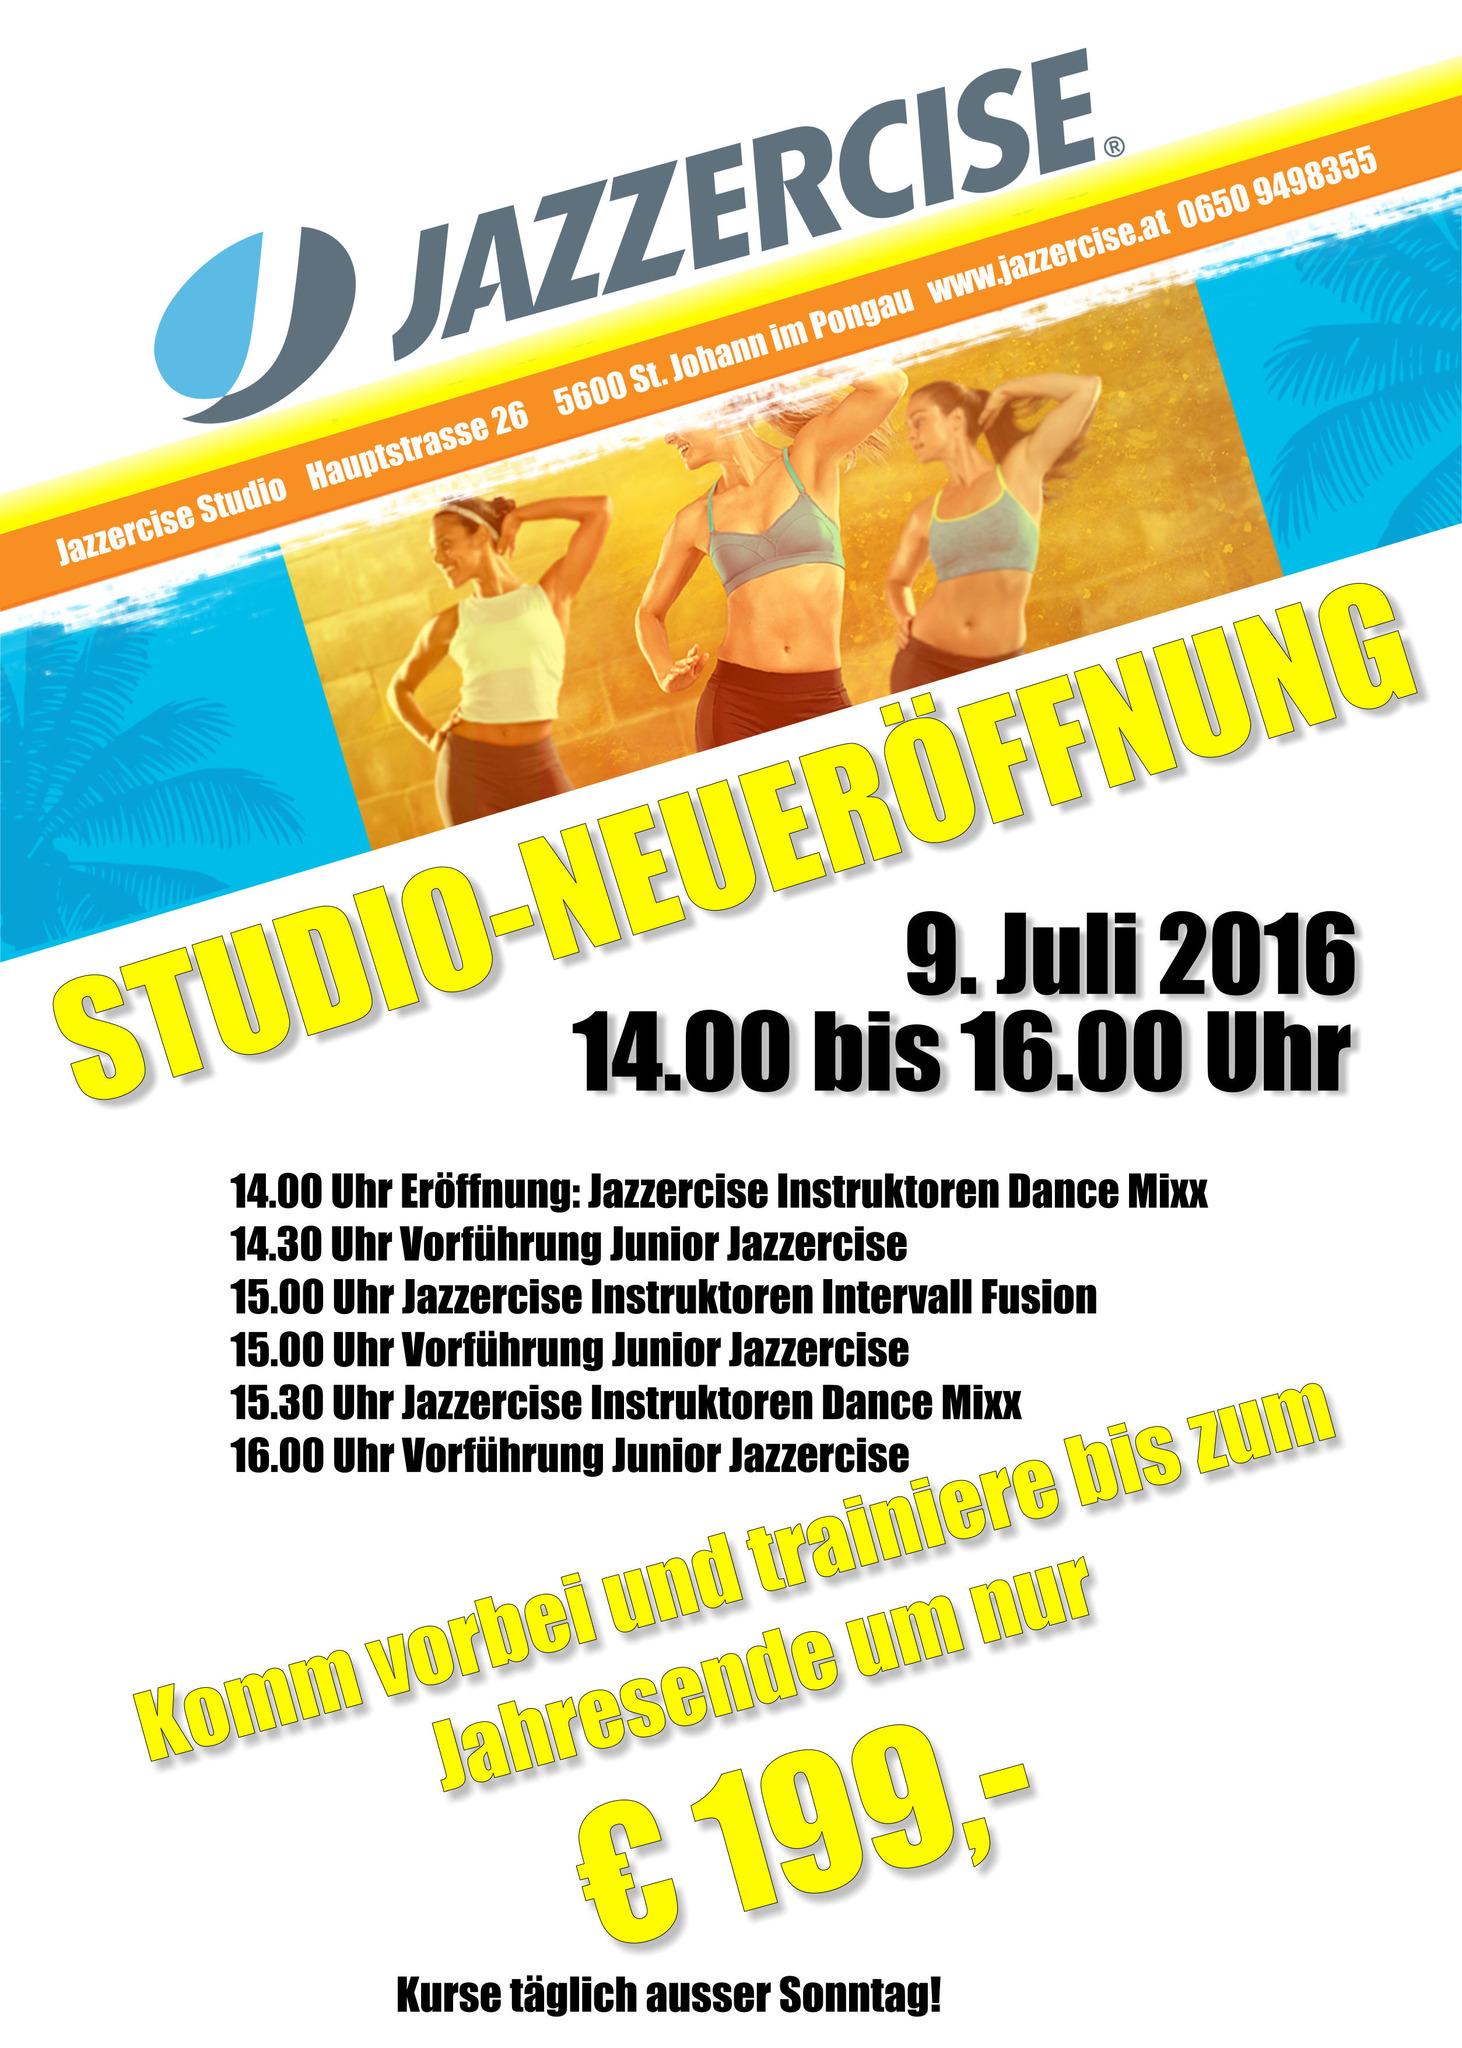 Tanzschule St. Johann im Pongau: Gratis Preise der besten